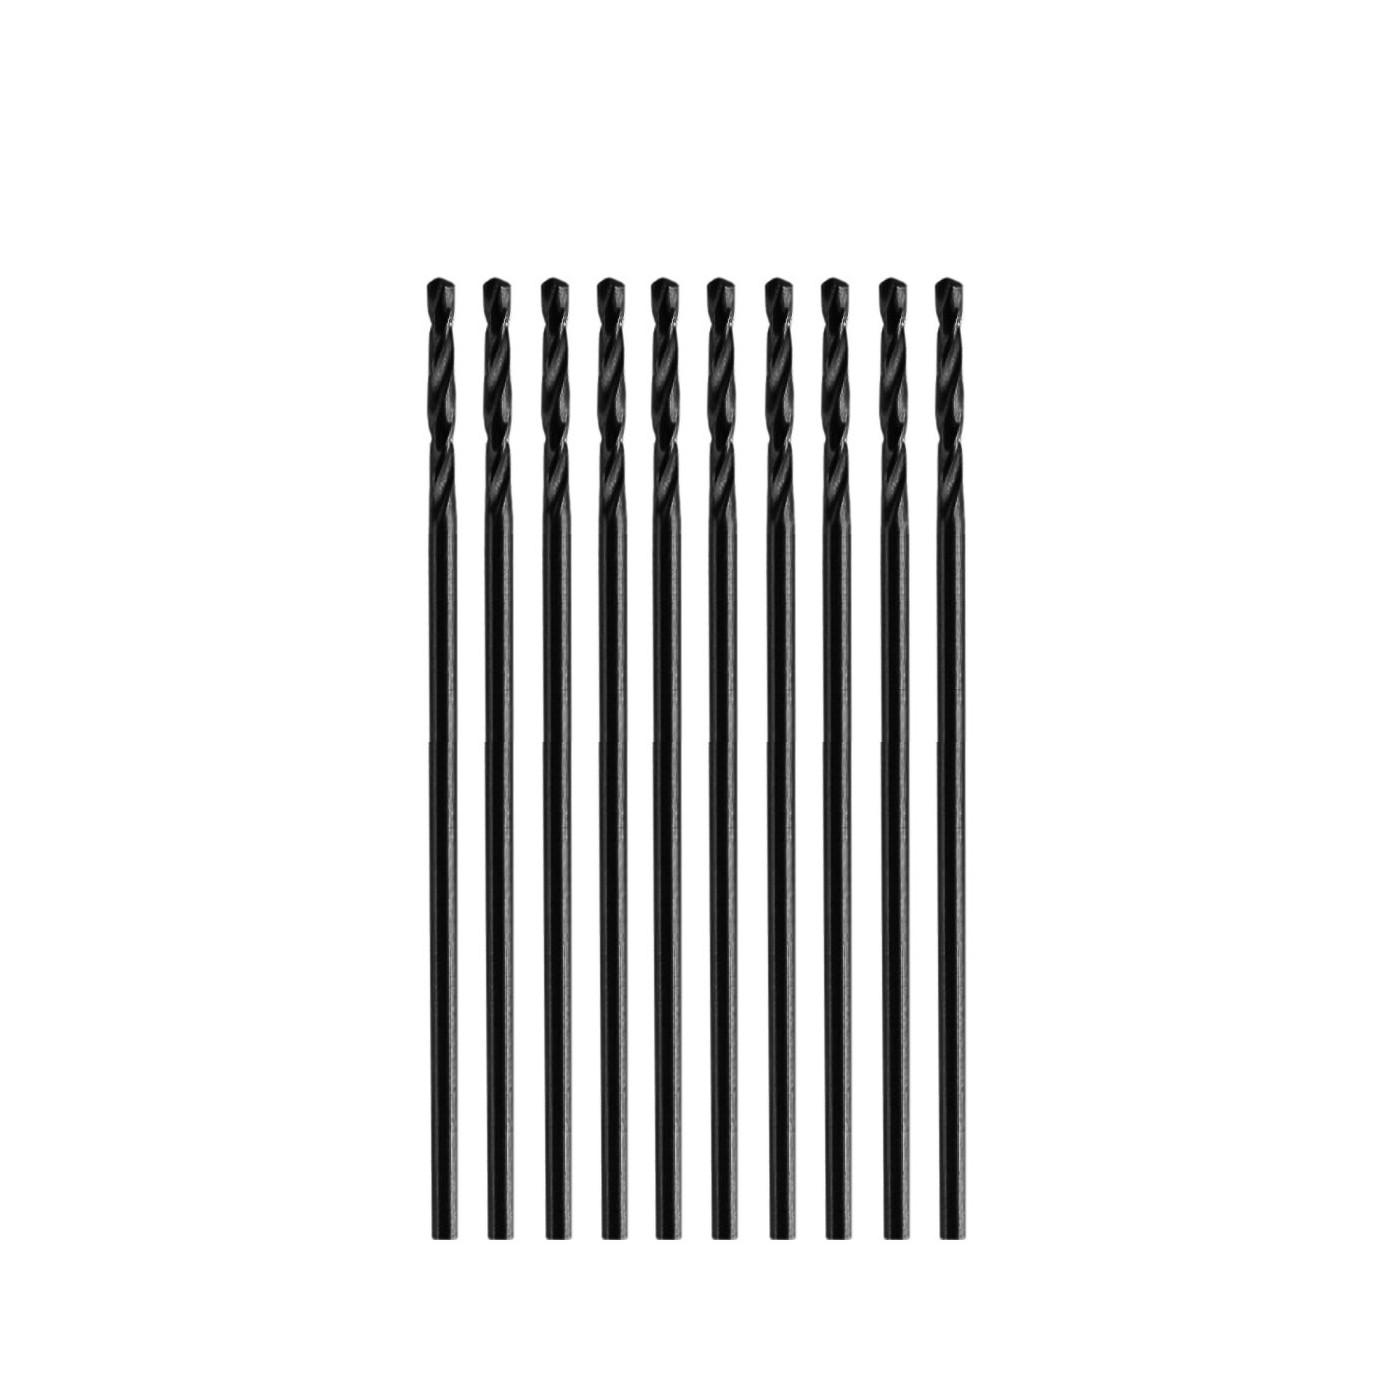 Set van 10 kleine metaalboren (2,3x55 mm, HSS)